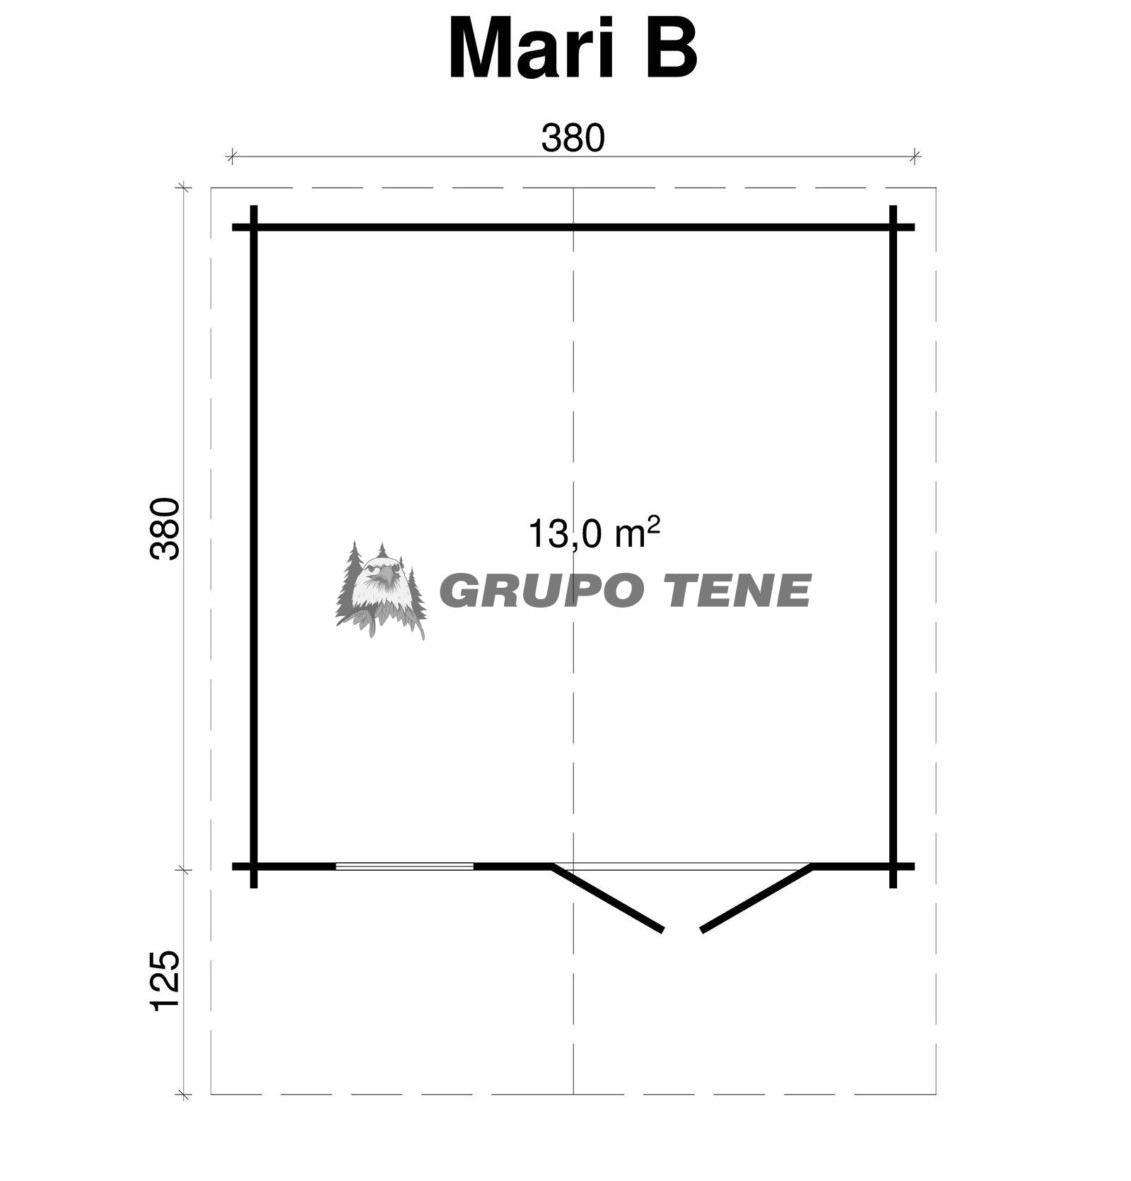 28-40-Mari-B-1131x1600